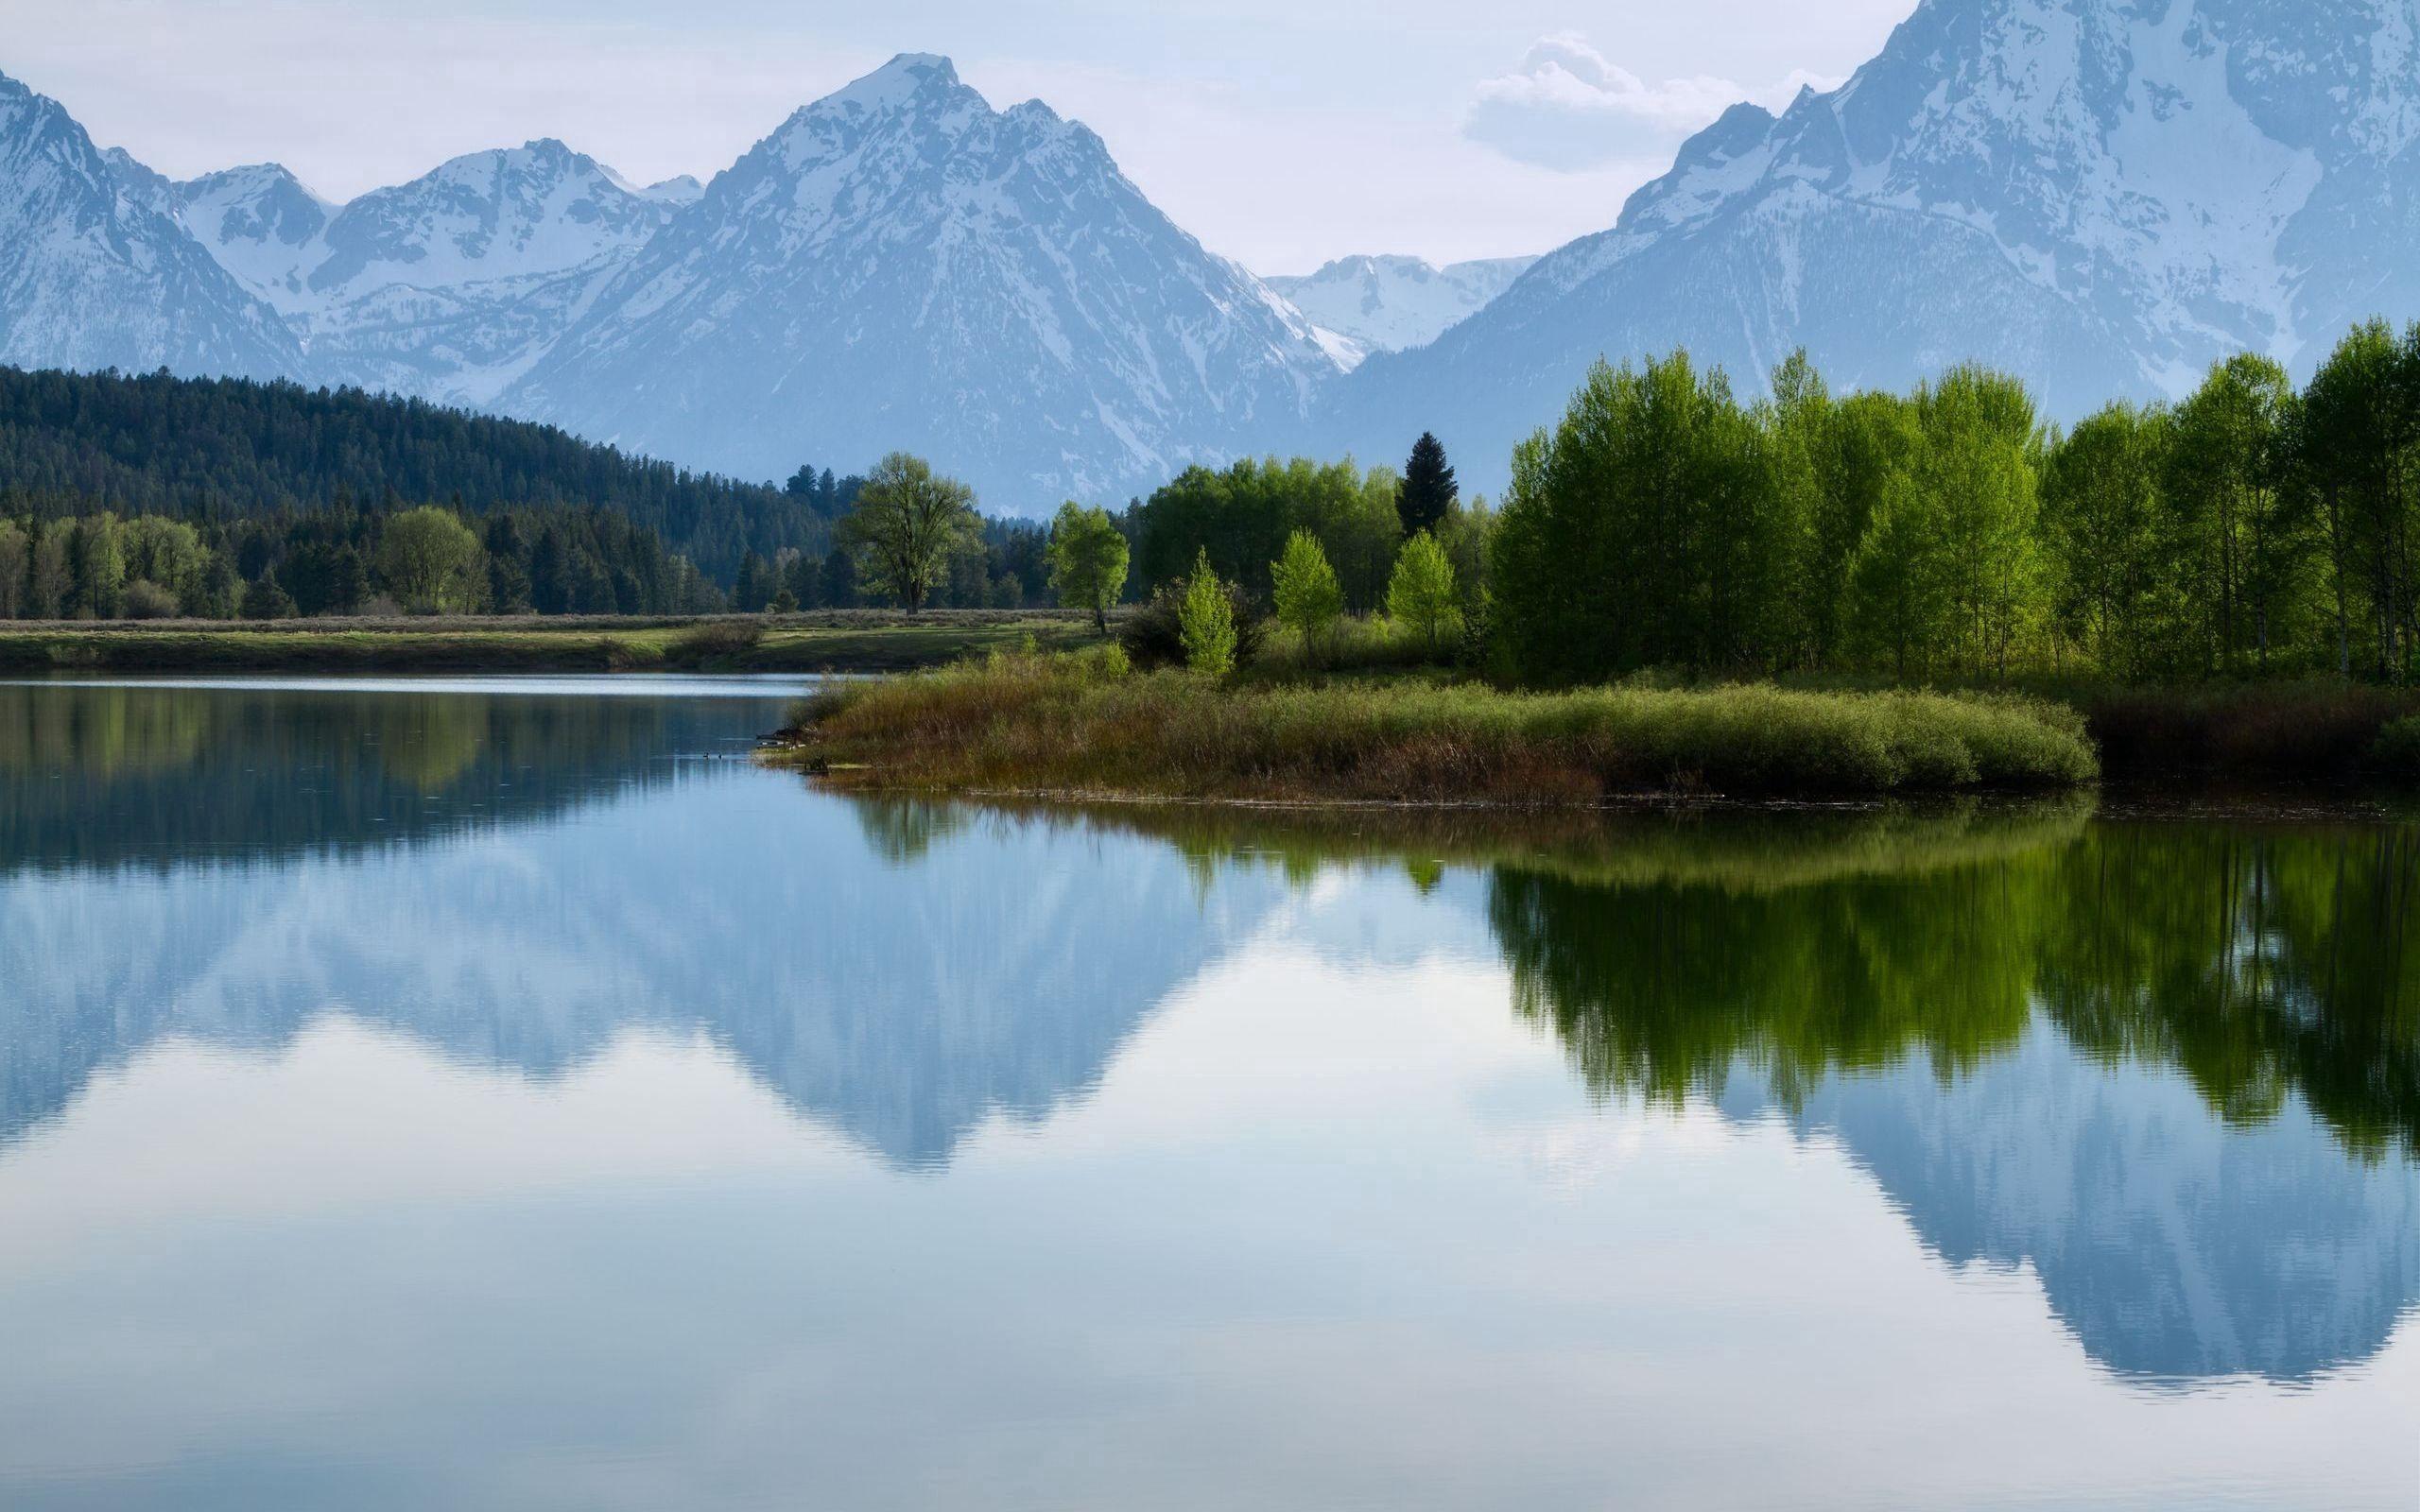 129319 papel de parede 720x1280 em seu telefone gratuitamente, baixe imagens Natureza, Céu, Montanhas, Lago, Névoa, Nevoeiro 720x1280 em seu celular